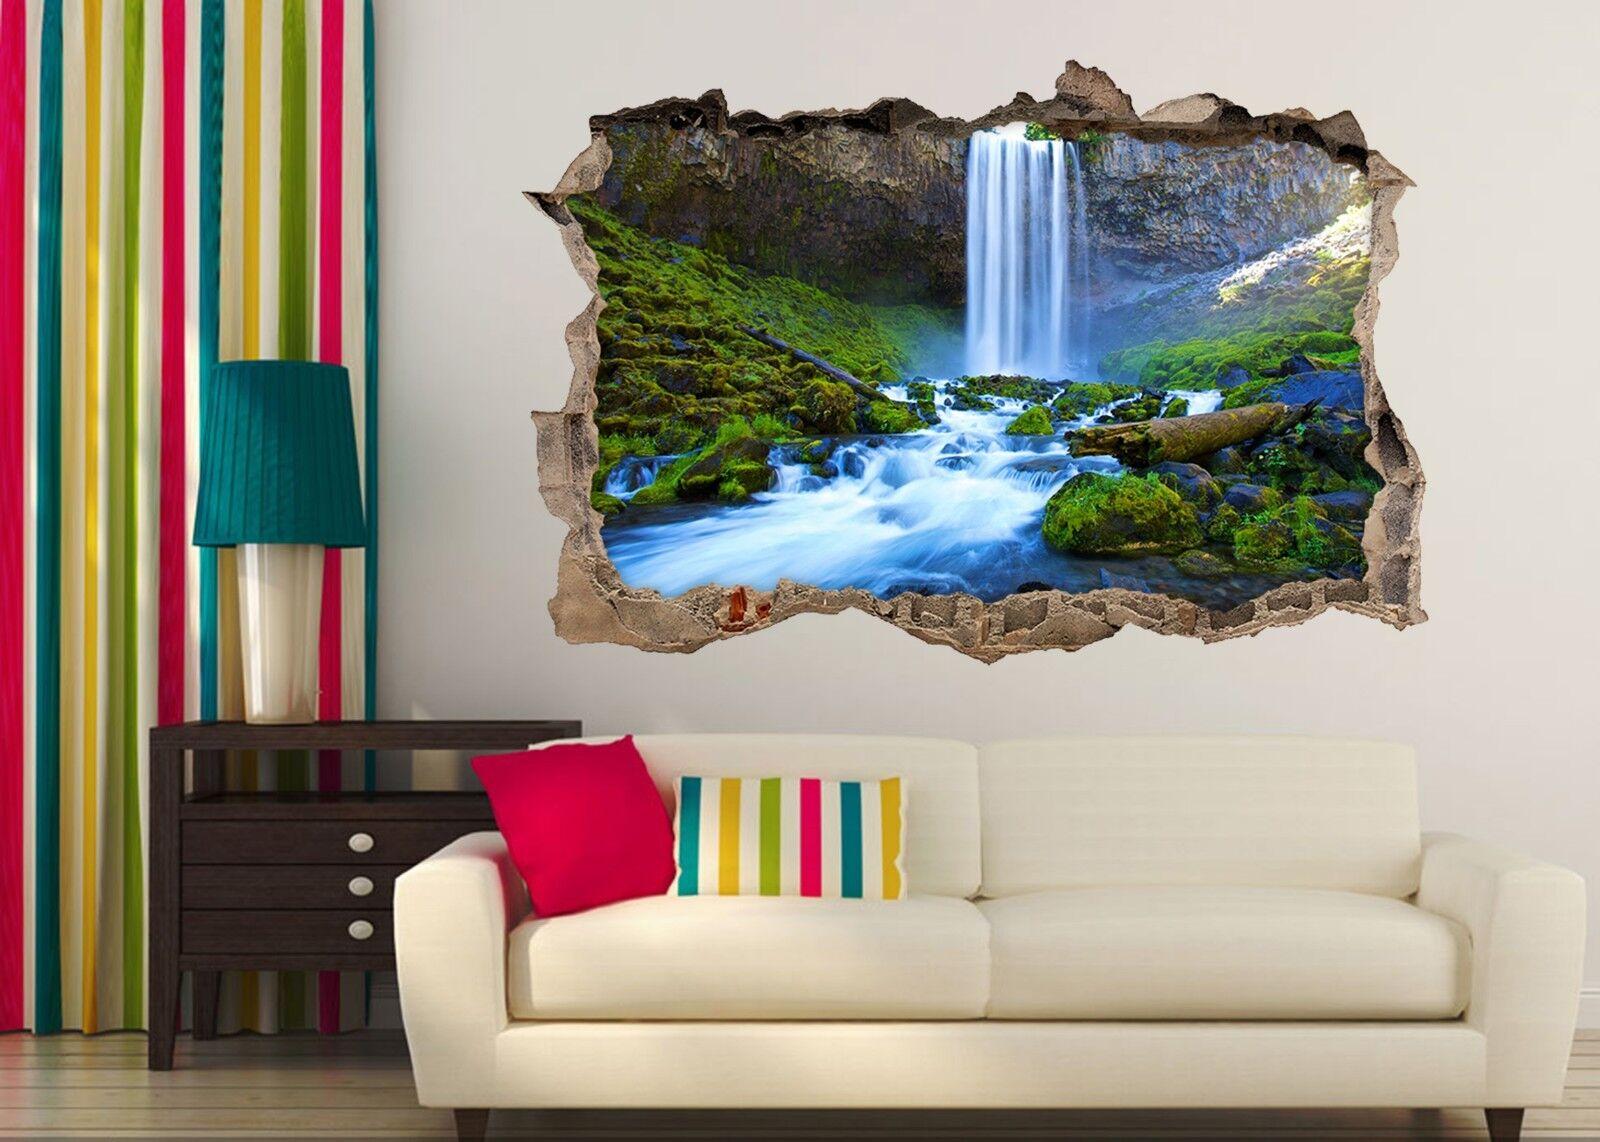 3D Wasserfall 391 Mauer Murals Mauer Aufklebe Decal Durchbruch AJ WALLPAPER DE